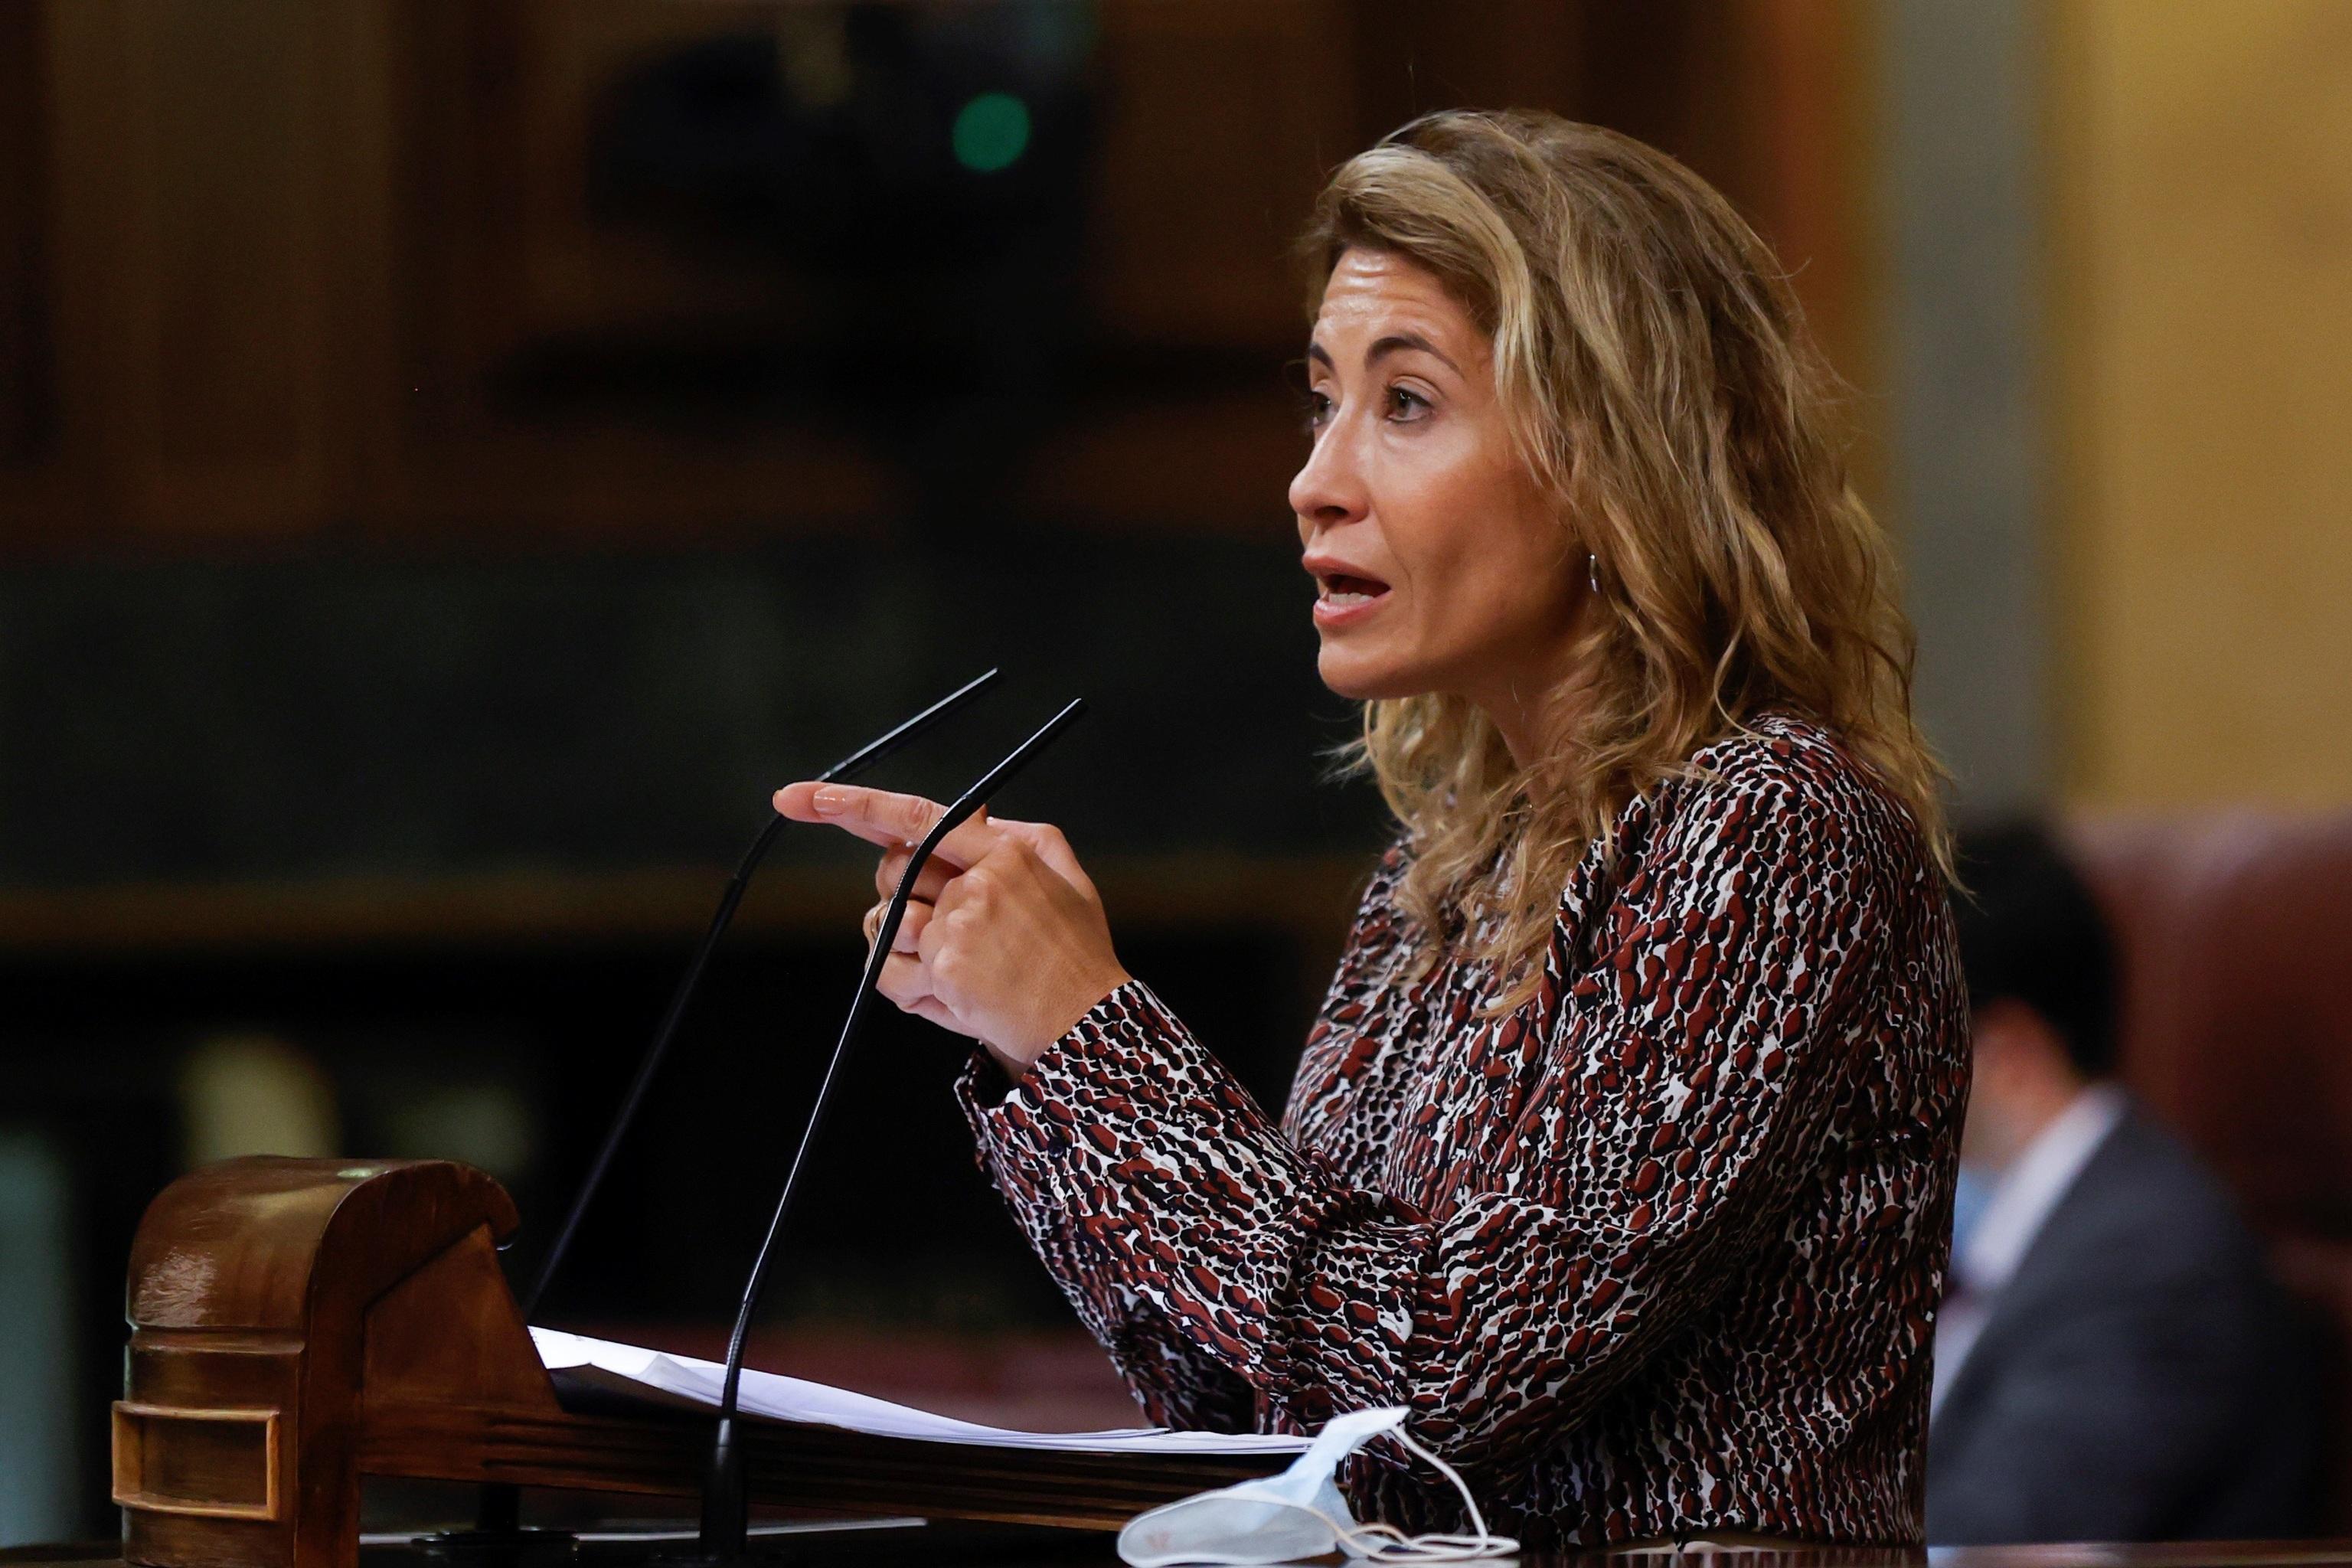 La ministra de Transportes, Raquel Sánchez, en el Congreso.